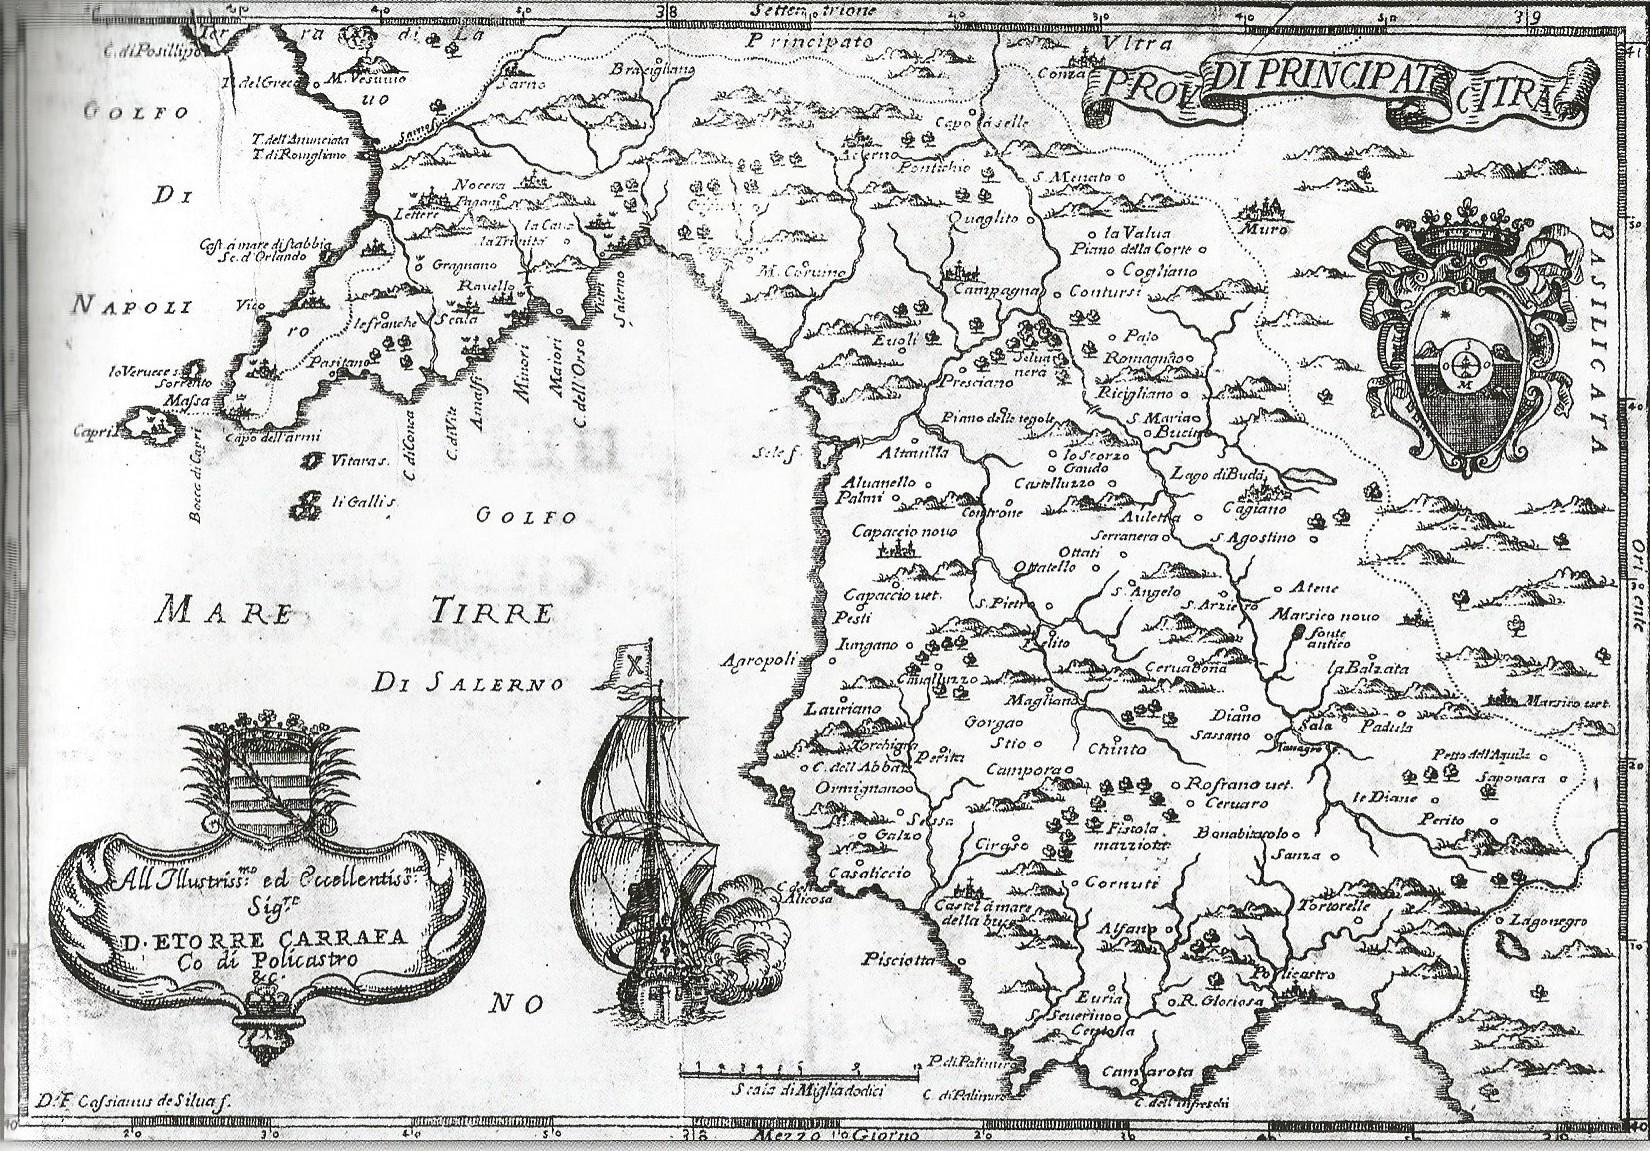 Principato di Citra, Giovanni Battista Pacichelli, Il Regno di Napoli in prospettiva, stampata nel 1703